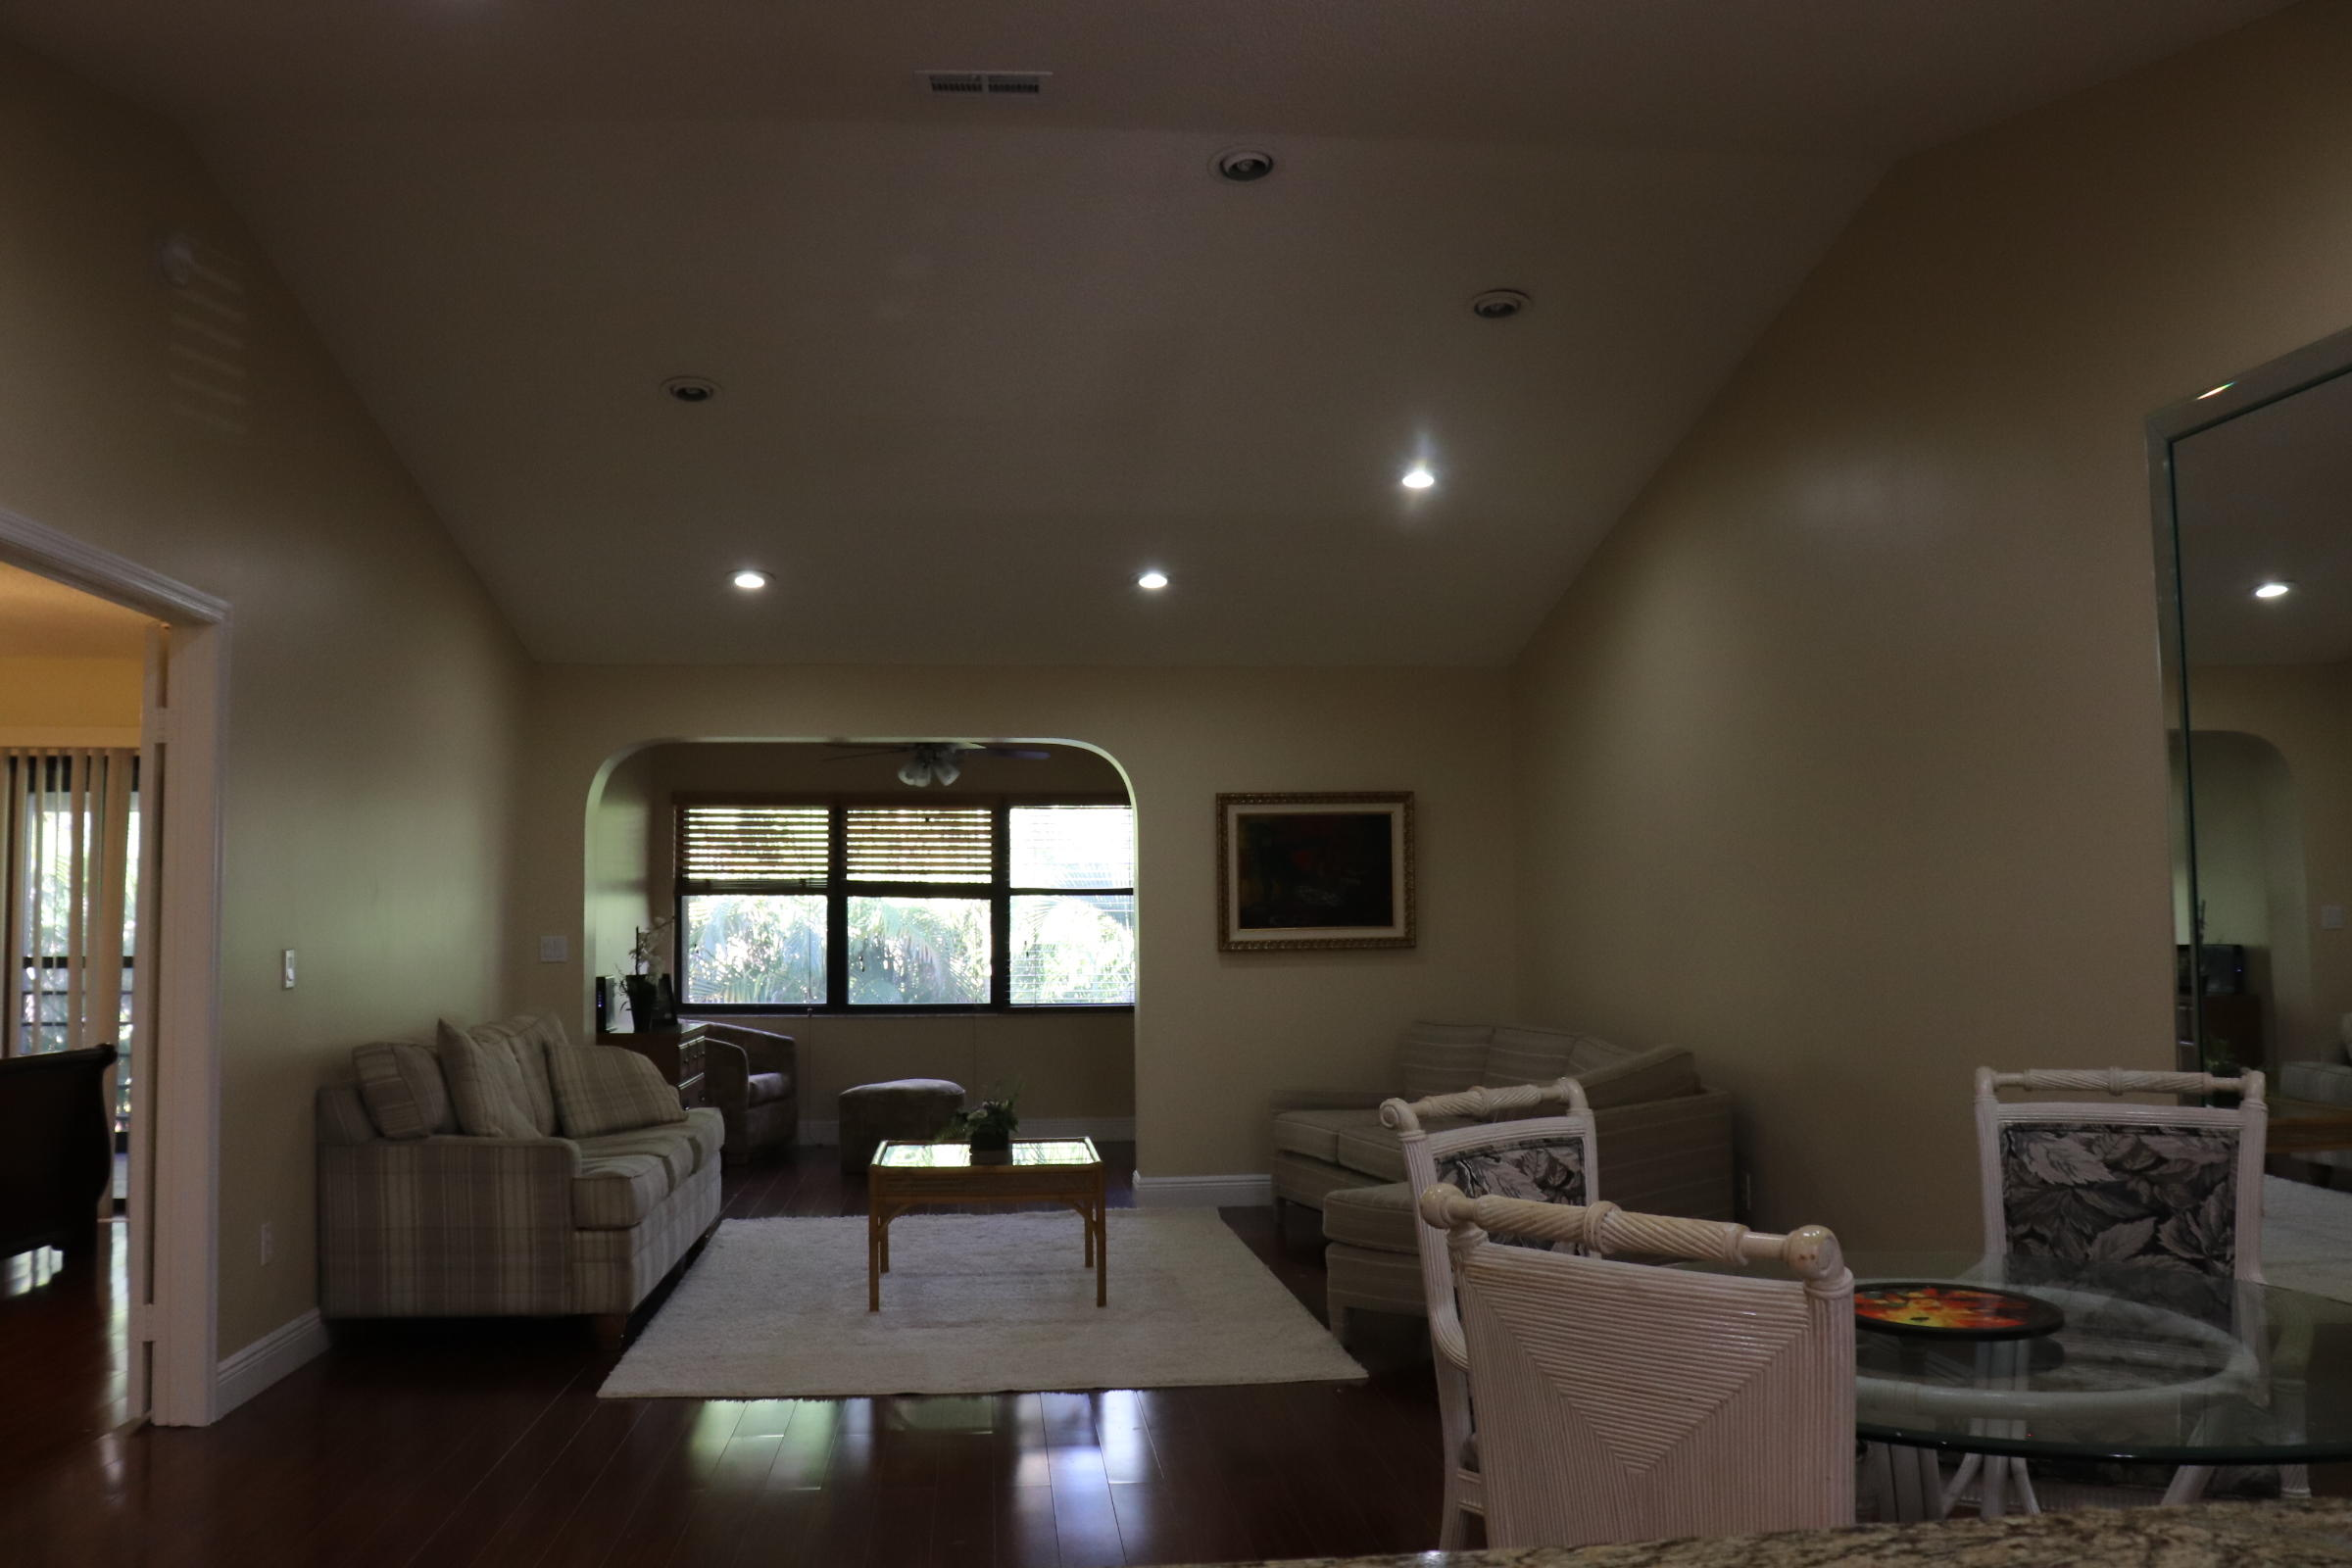 Real Estate FOR SALE - 10107 Mangrove Drive, Boynton Beach, FL 33437 ...